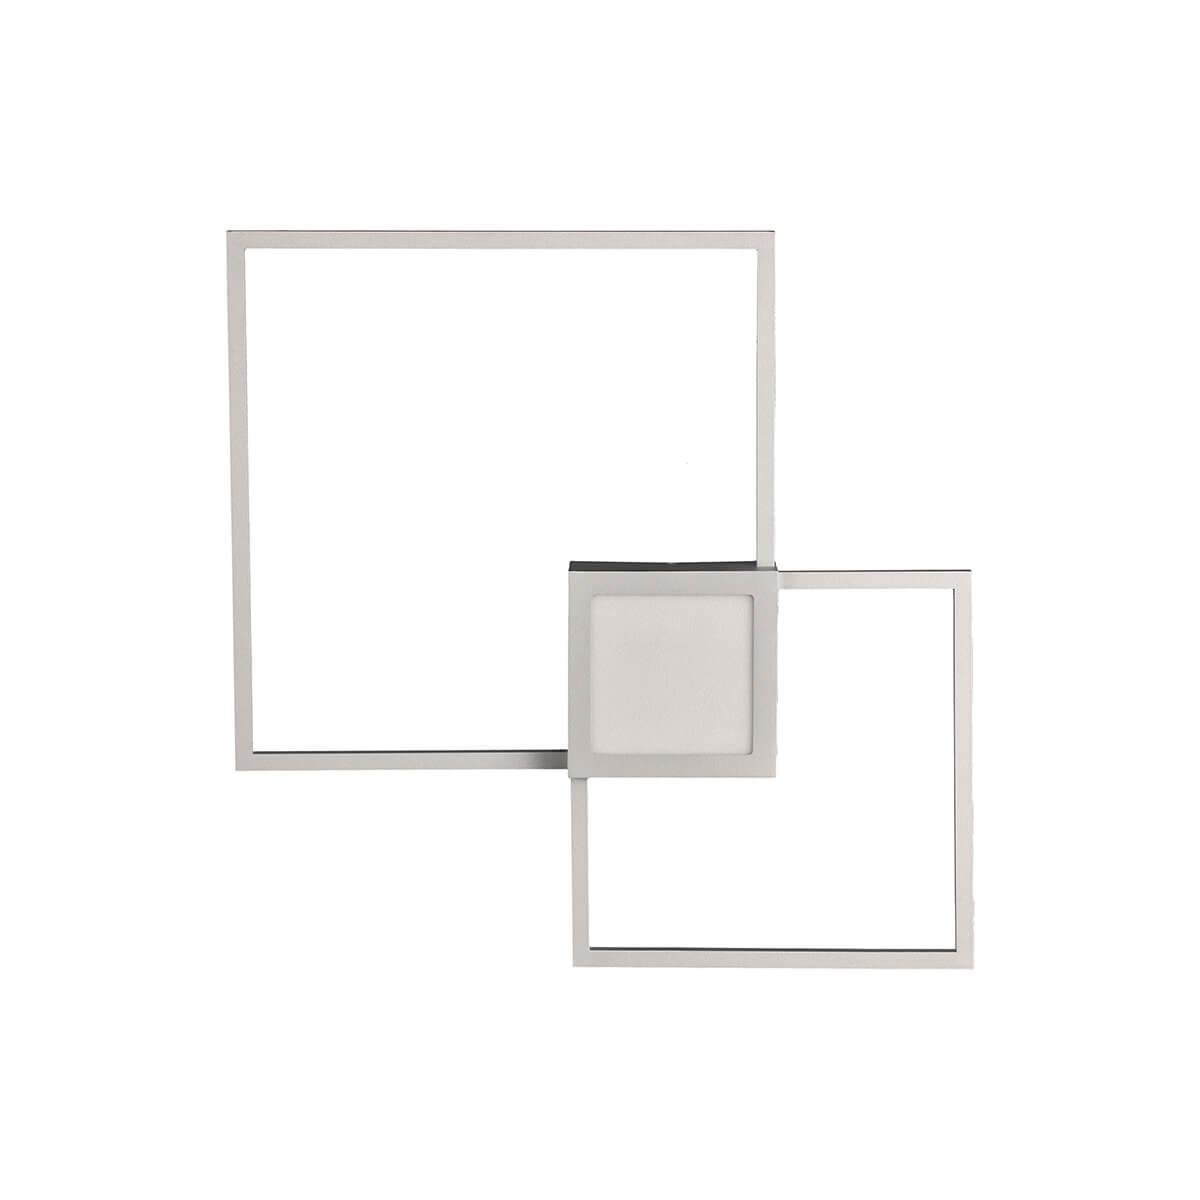 Настенно-потолочный светодиодный светильник Mantra Mural 6564 настенно потолочный светильник mantra crystal 1 4570